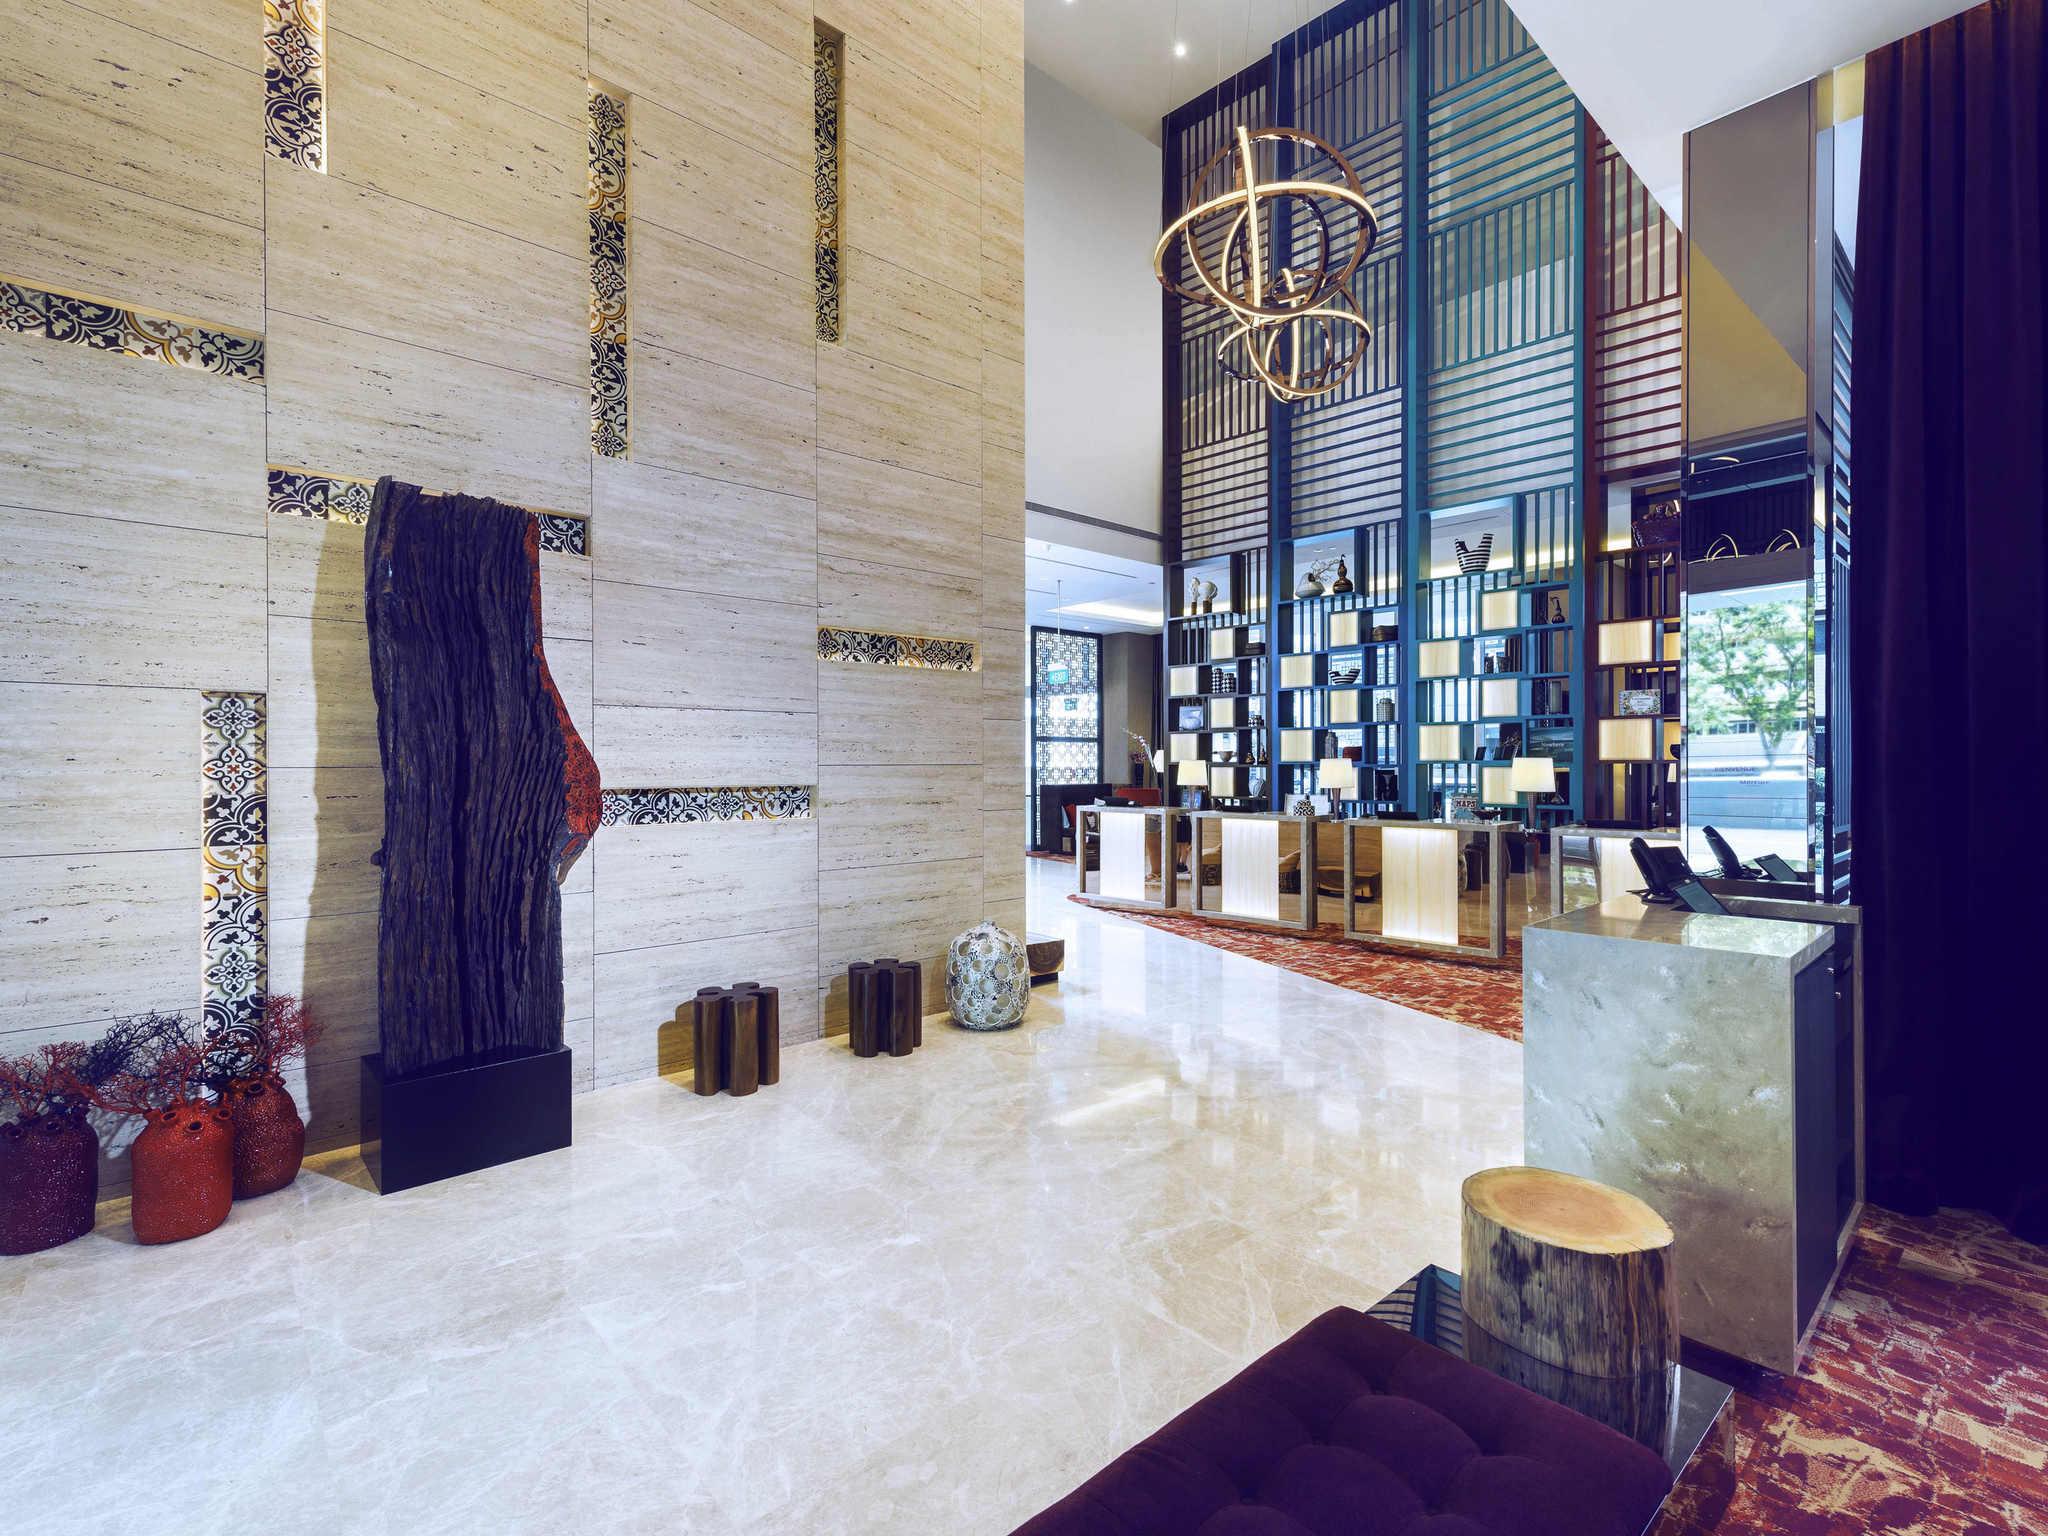 โรงแรม – เมอร์เคียว สิงคโปร์ บูกิส